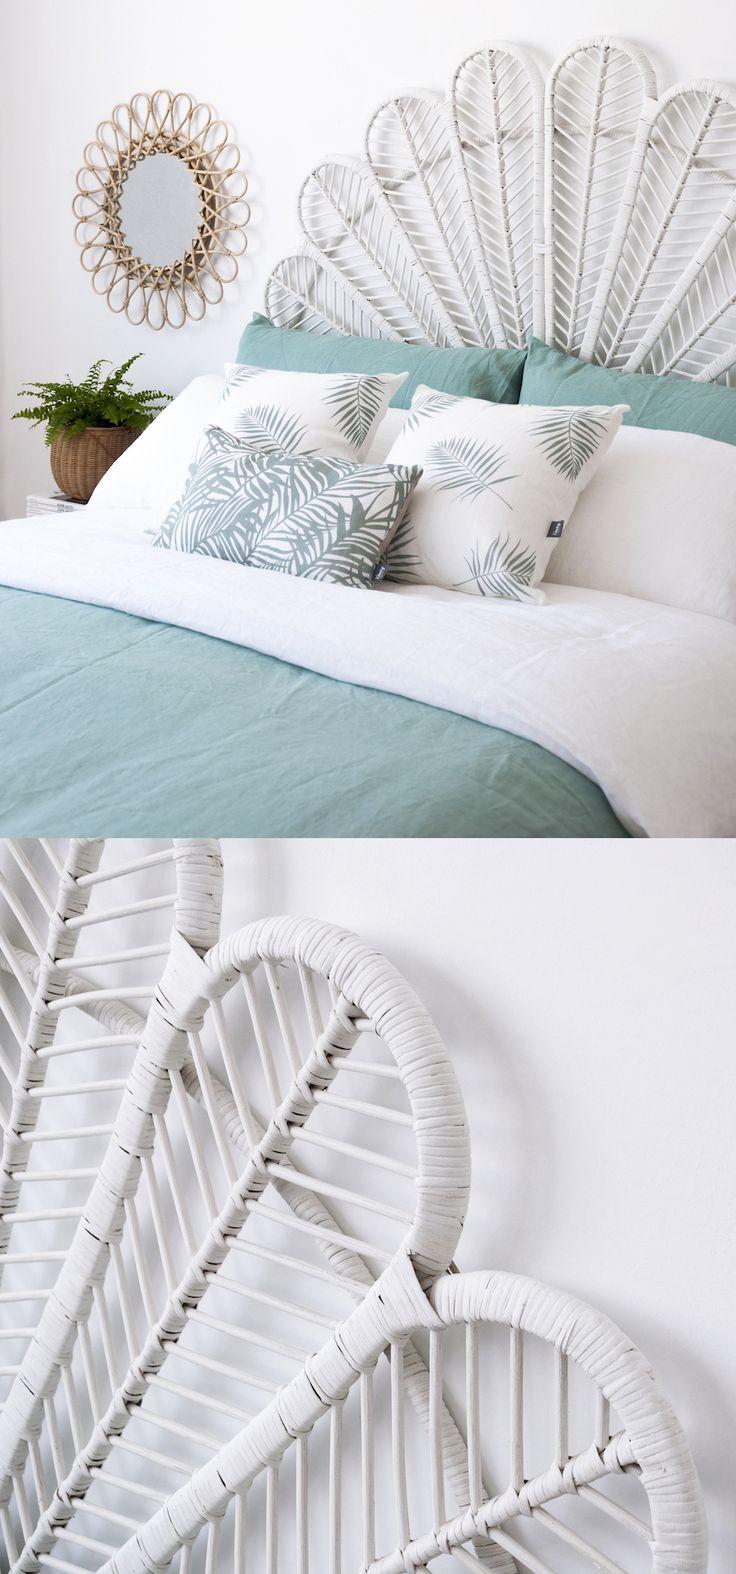 Hoy te damos unos tips muy fáciles y prácticos para darle ese toque fresco y natural al dormitorio. Tonos como el blanco y verde agua combinan genial con el cabecero de ratán. Consigue fácilmente ese look veraniego para tu dormitorio. #inspiration #kenayhome #homedesign